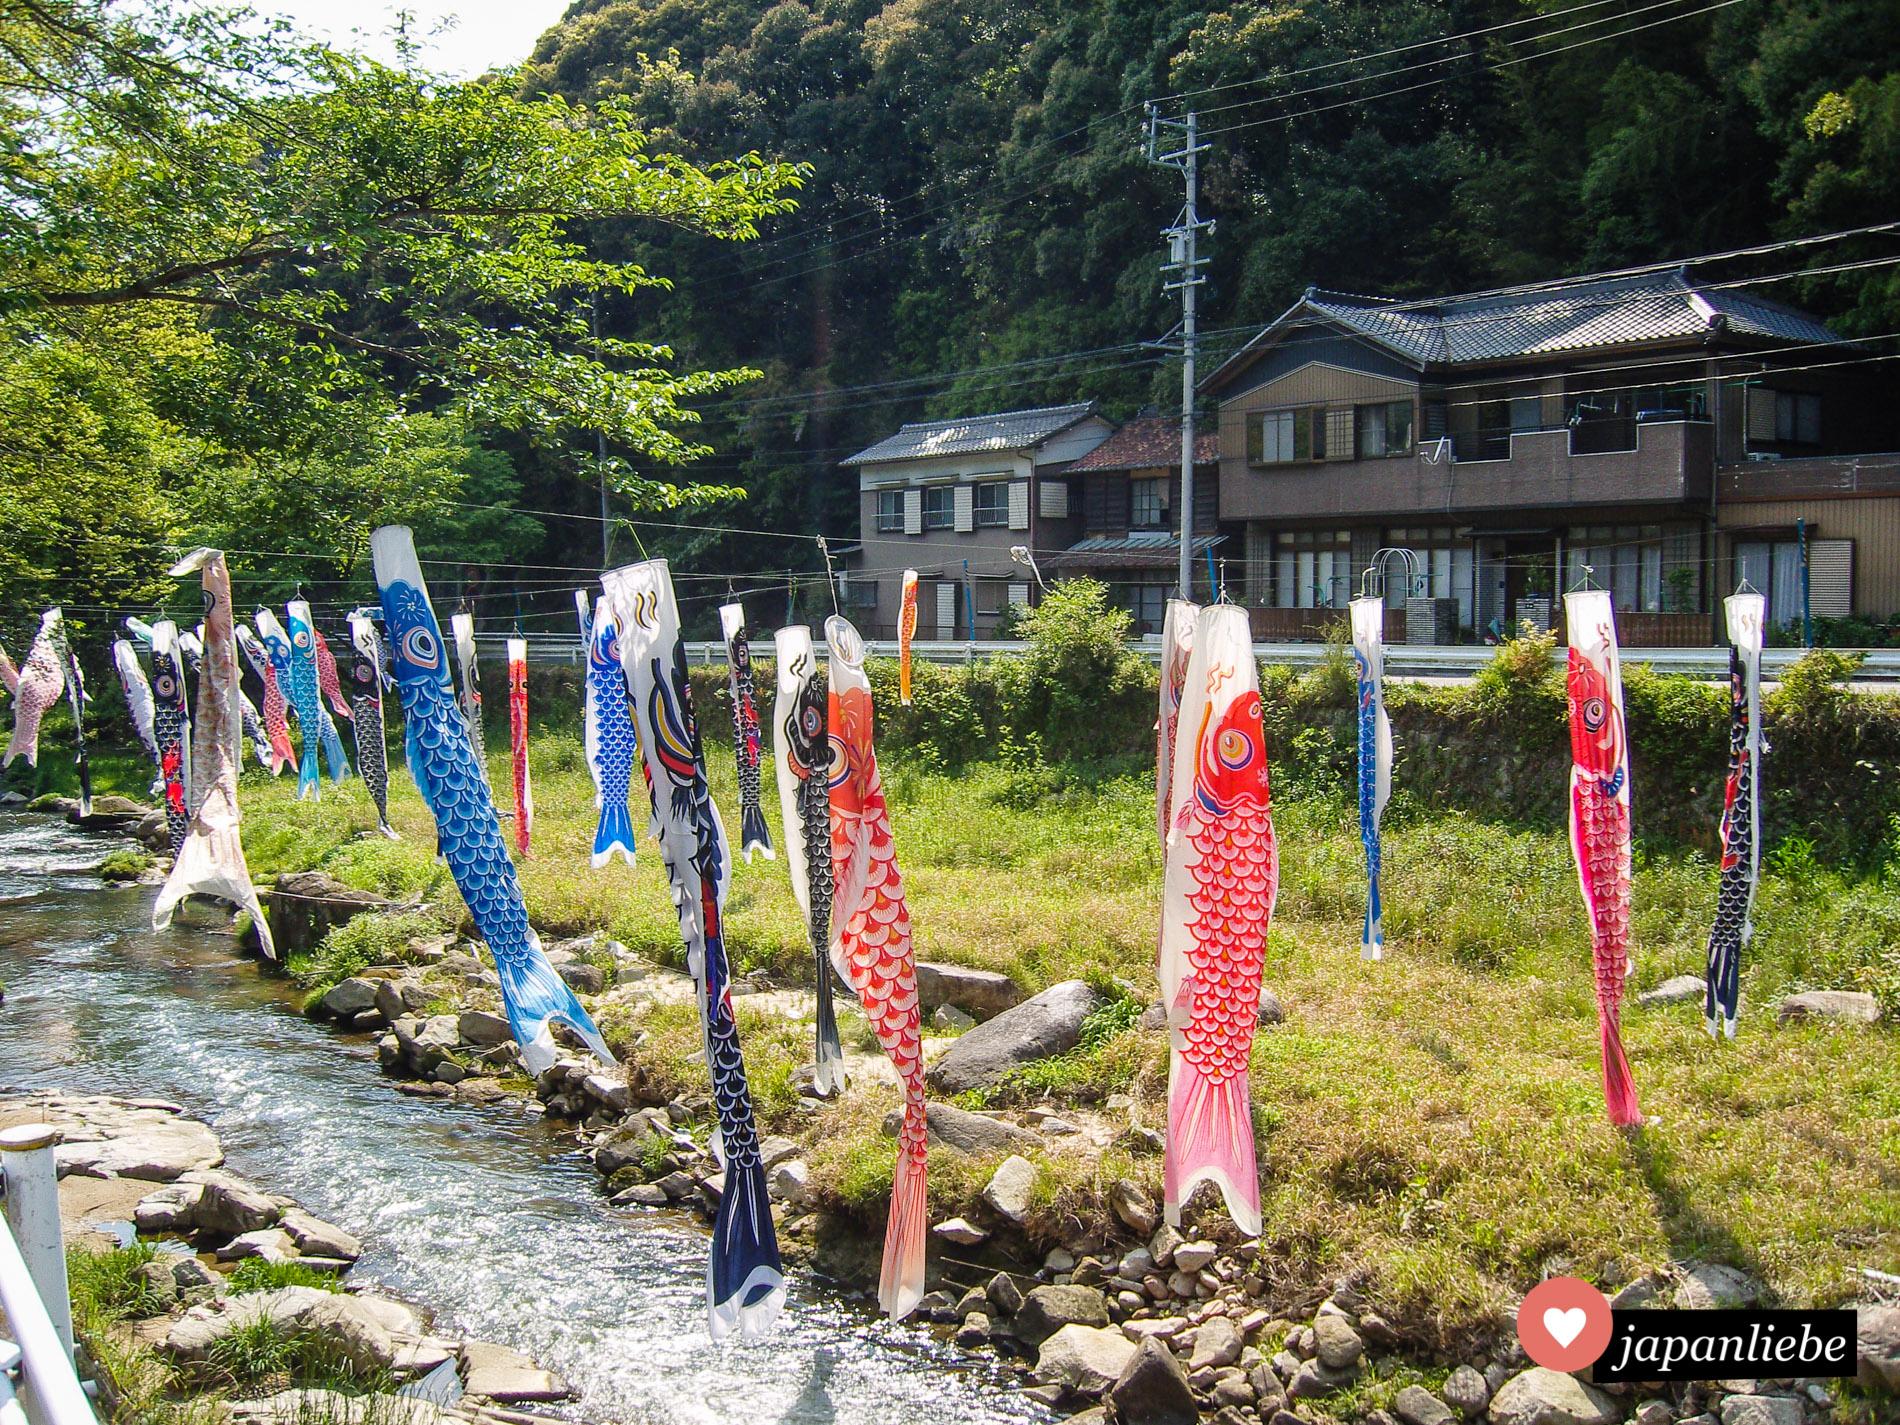 Auch in Okzaki, wo ich neun Monate gelebt habe, werden Karpfen zum Kinderfest aufgehängt und verschönern so einen Fluss.